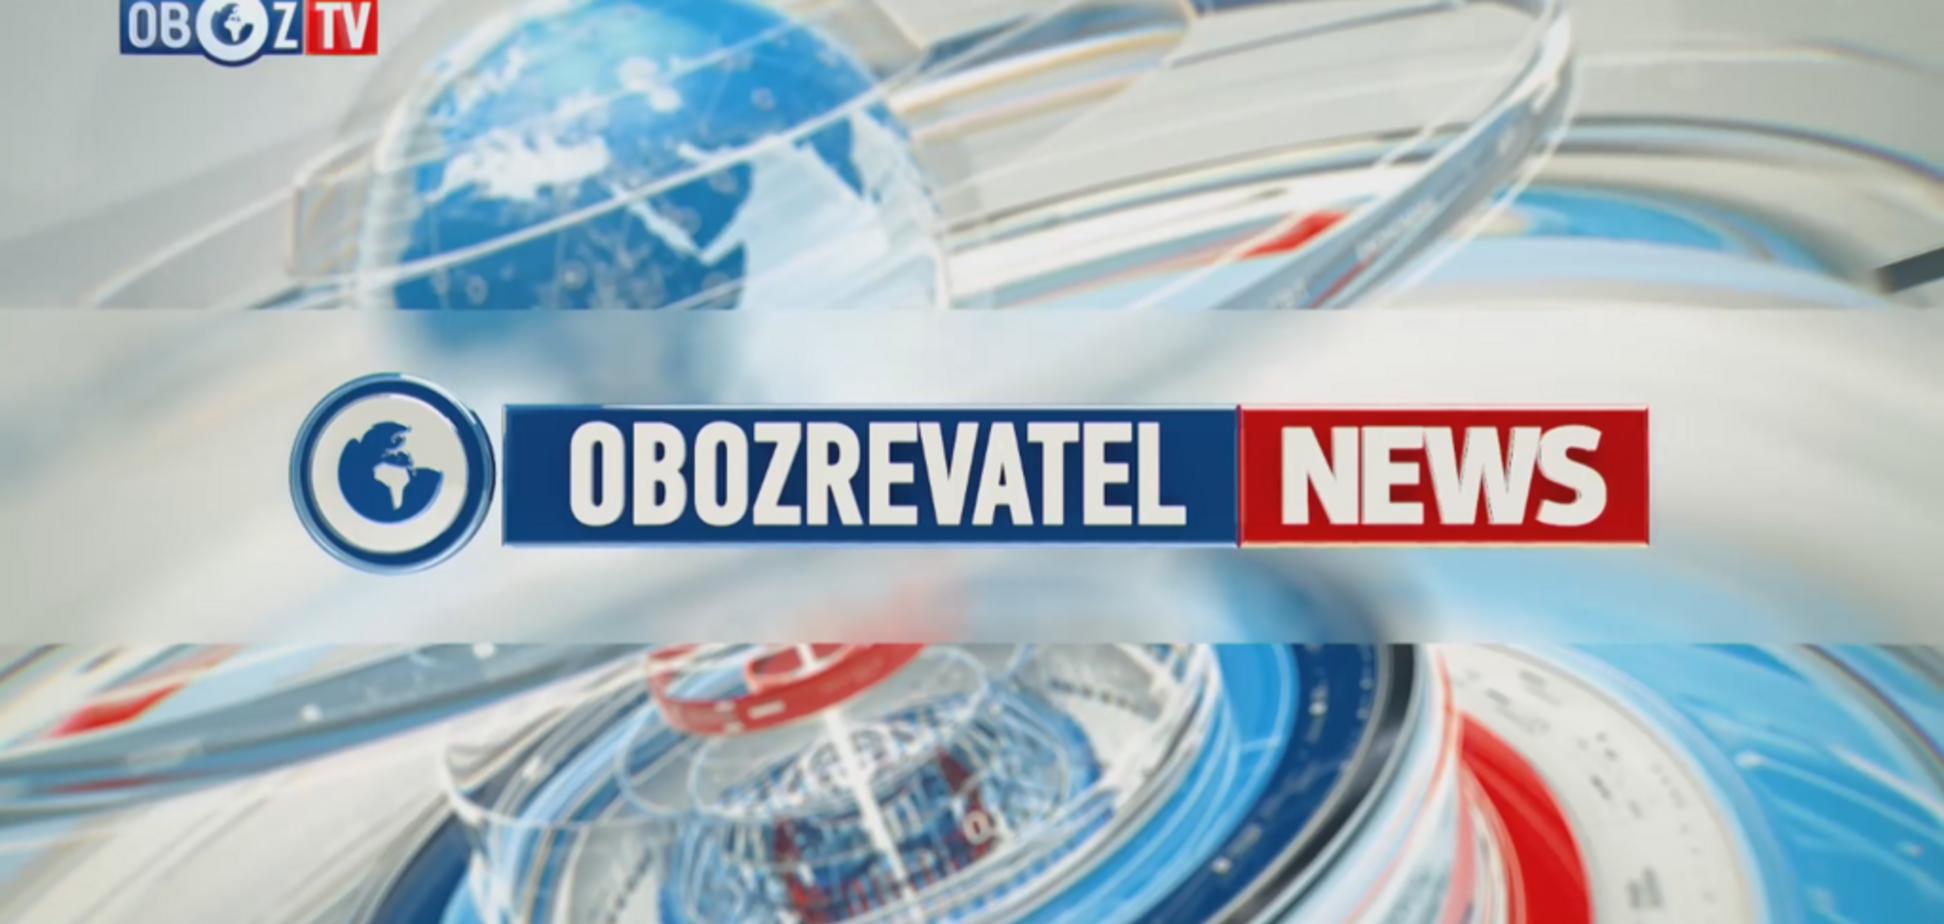 Из-за выбросов в Крыму отравились дети, в Одессе стреляли в активиста, а в Киеве изъяли арсенал оружия - новости на ObozTV